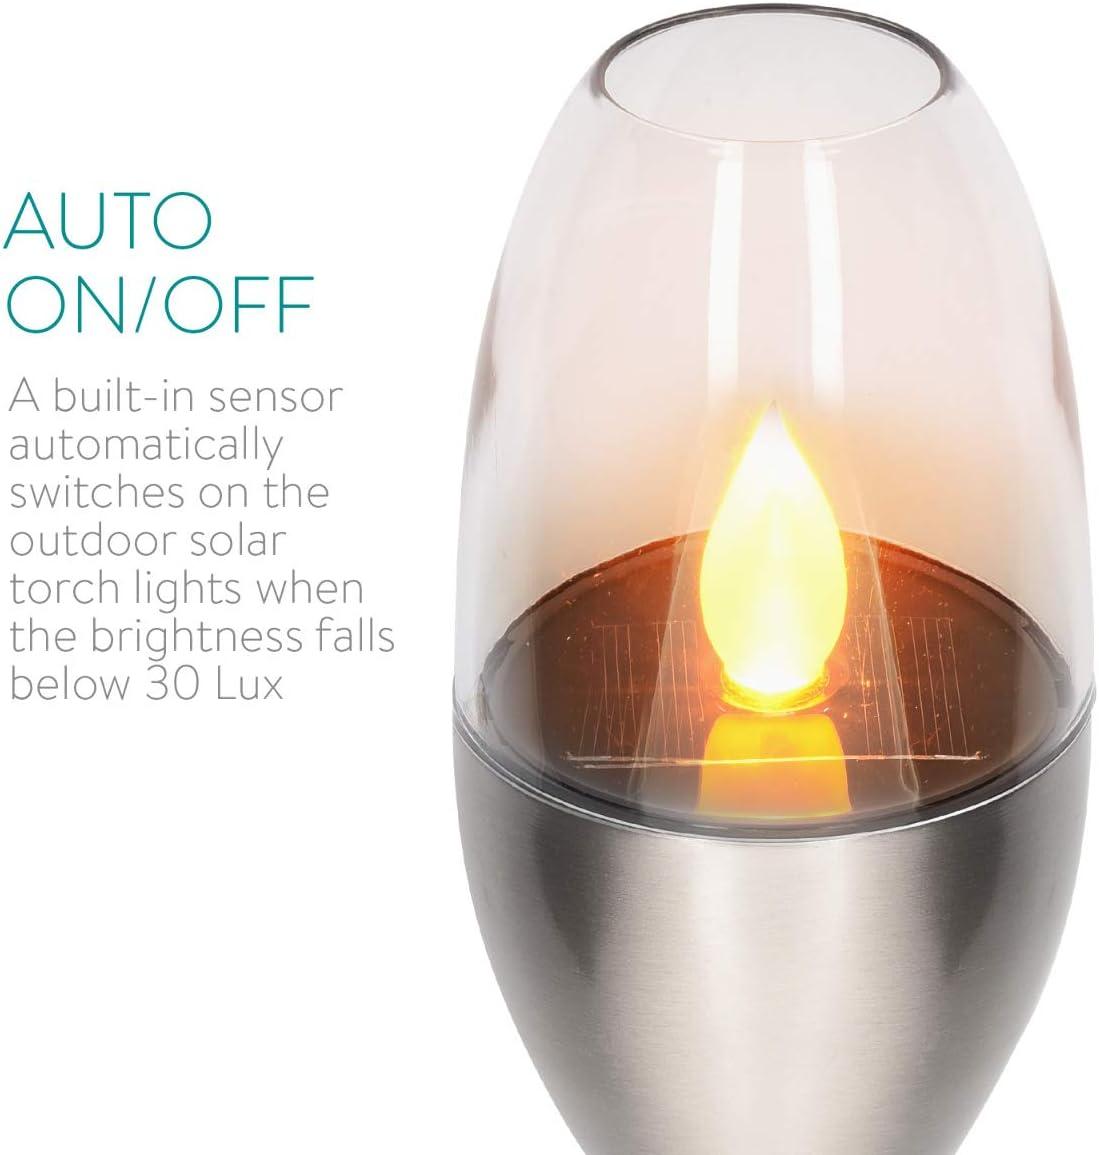 Navaris 4x LED Solar Edelstahl Gartenfackel - 8,5 x 112cm - Garten Fackel Solarleuchten Set - Außen Kerzenschein-Effekt Solarfackel Metallic Silber Metallic Silber